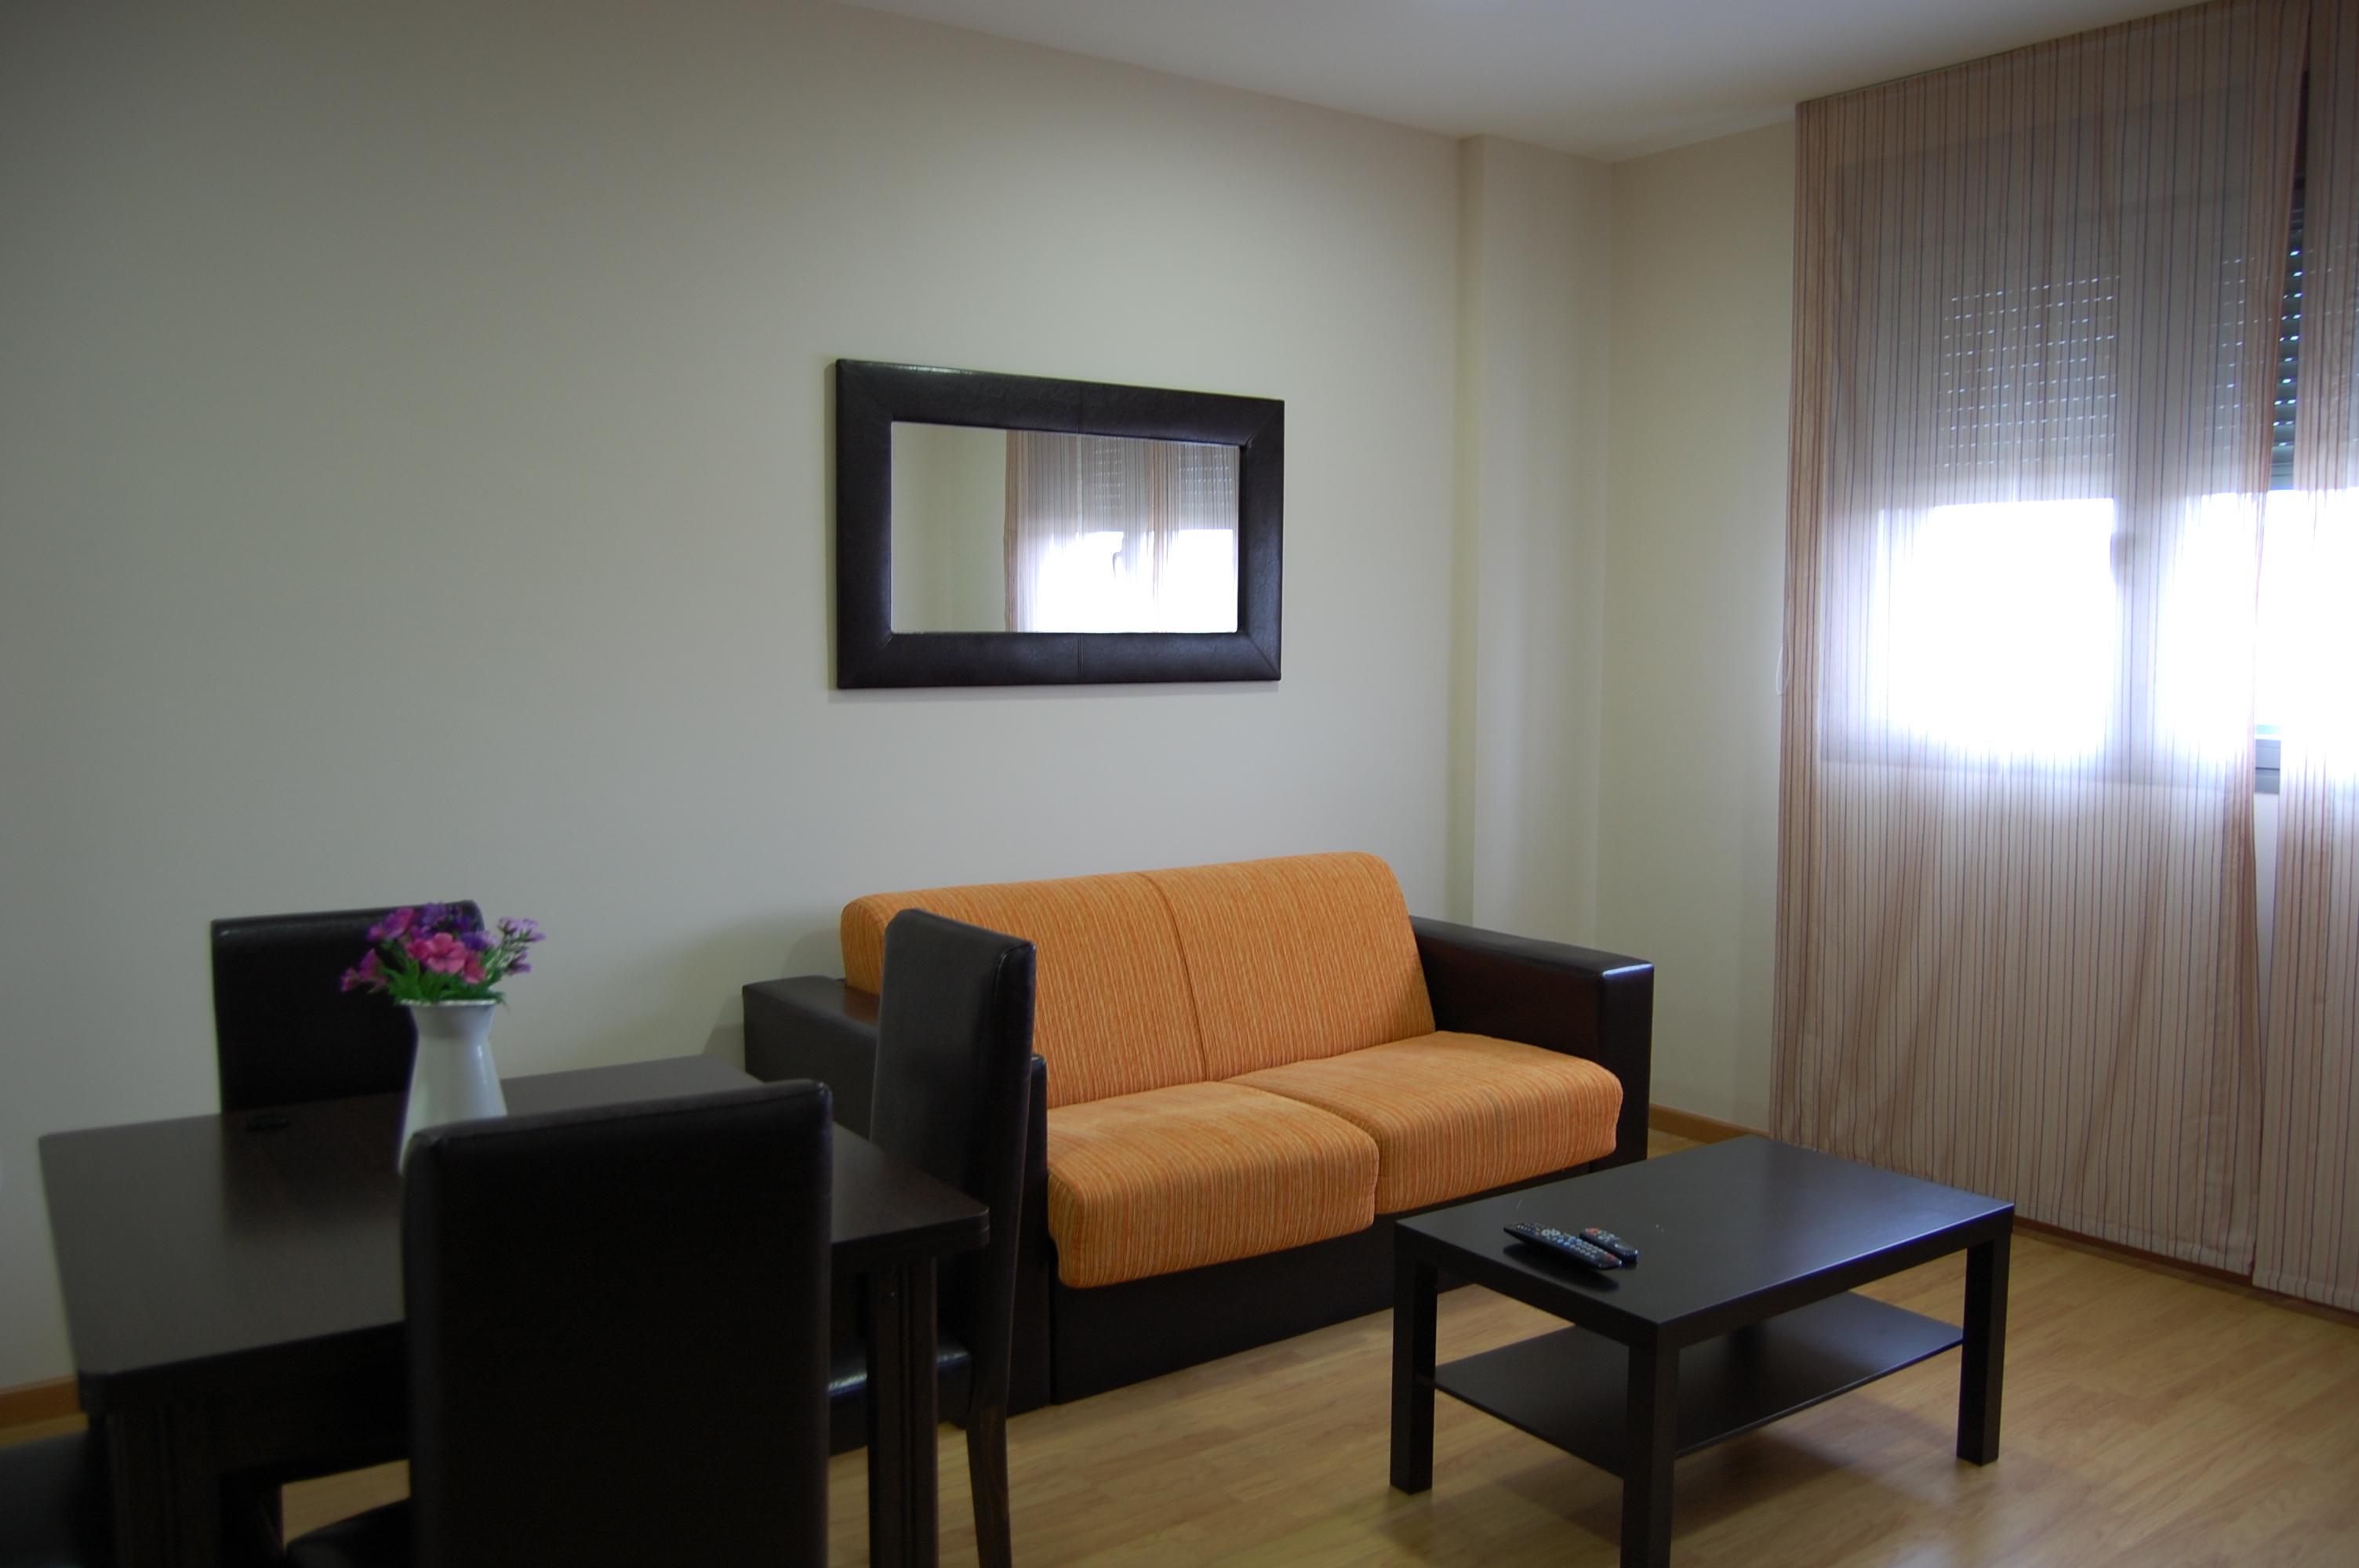 Aparthotel Encasa - Habitaciones